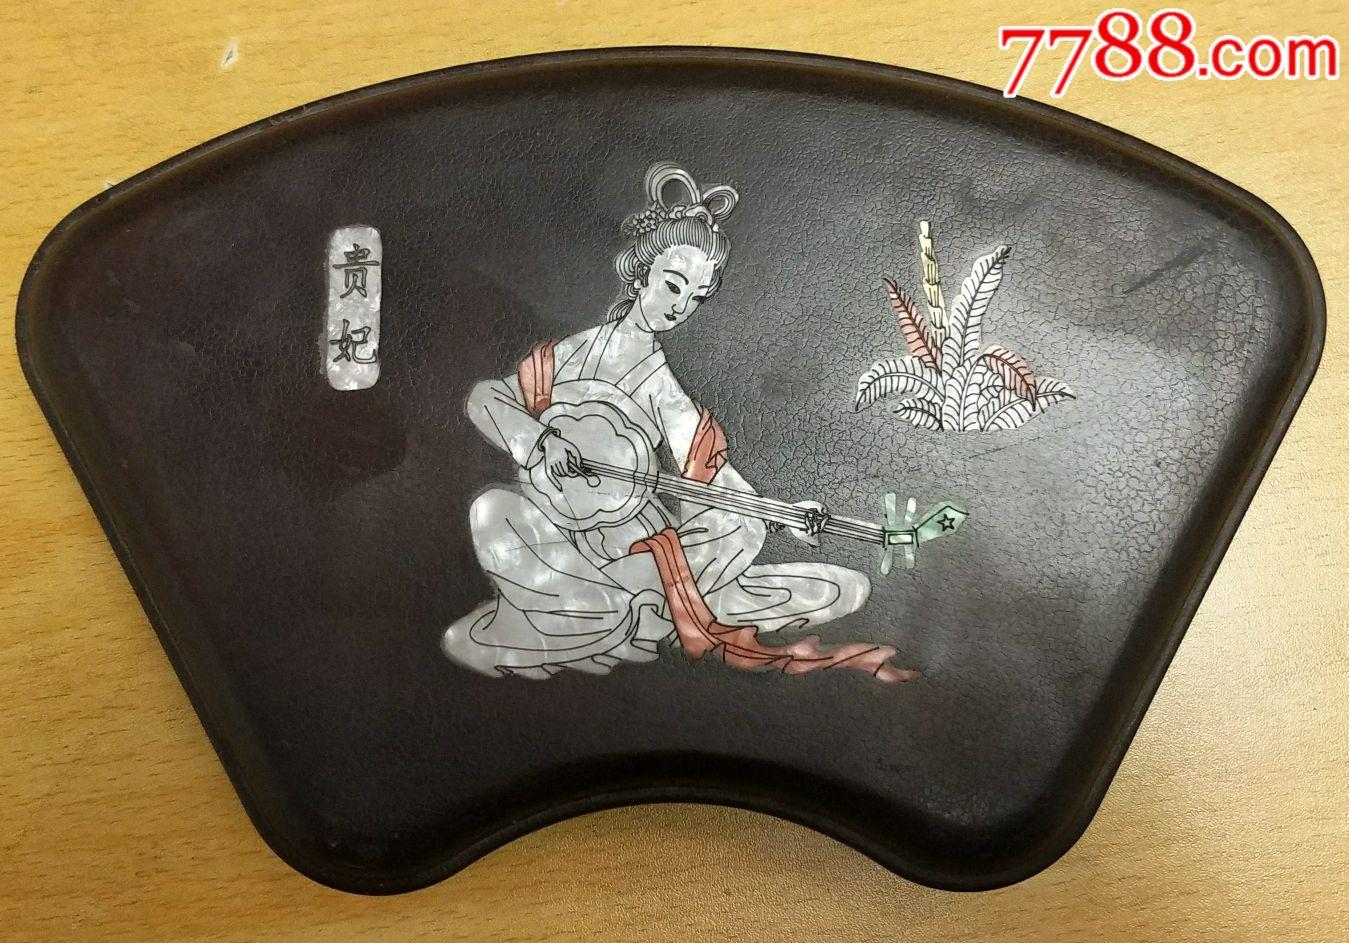 清代贵妃图漆器盒端砚(au19631382)_